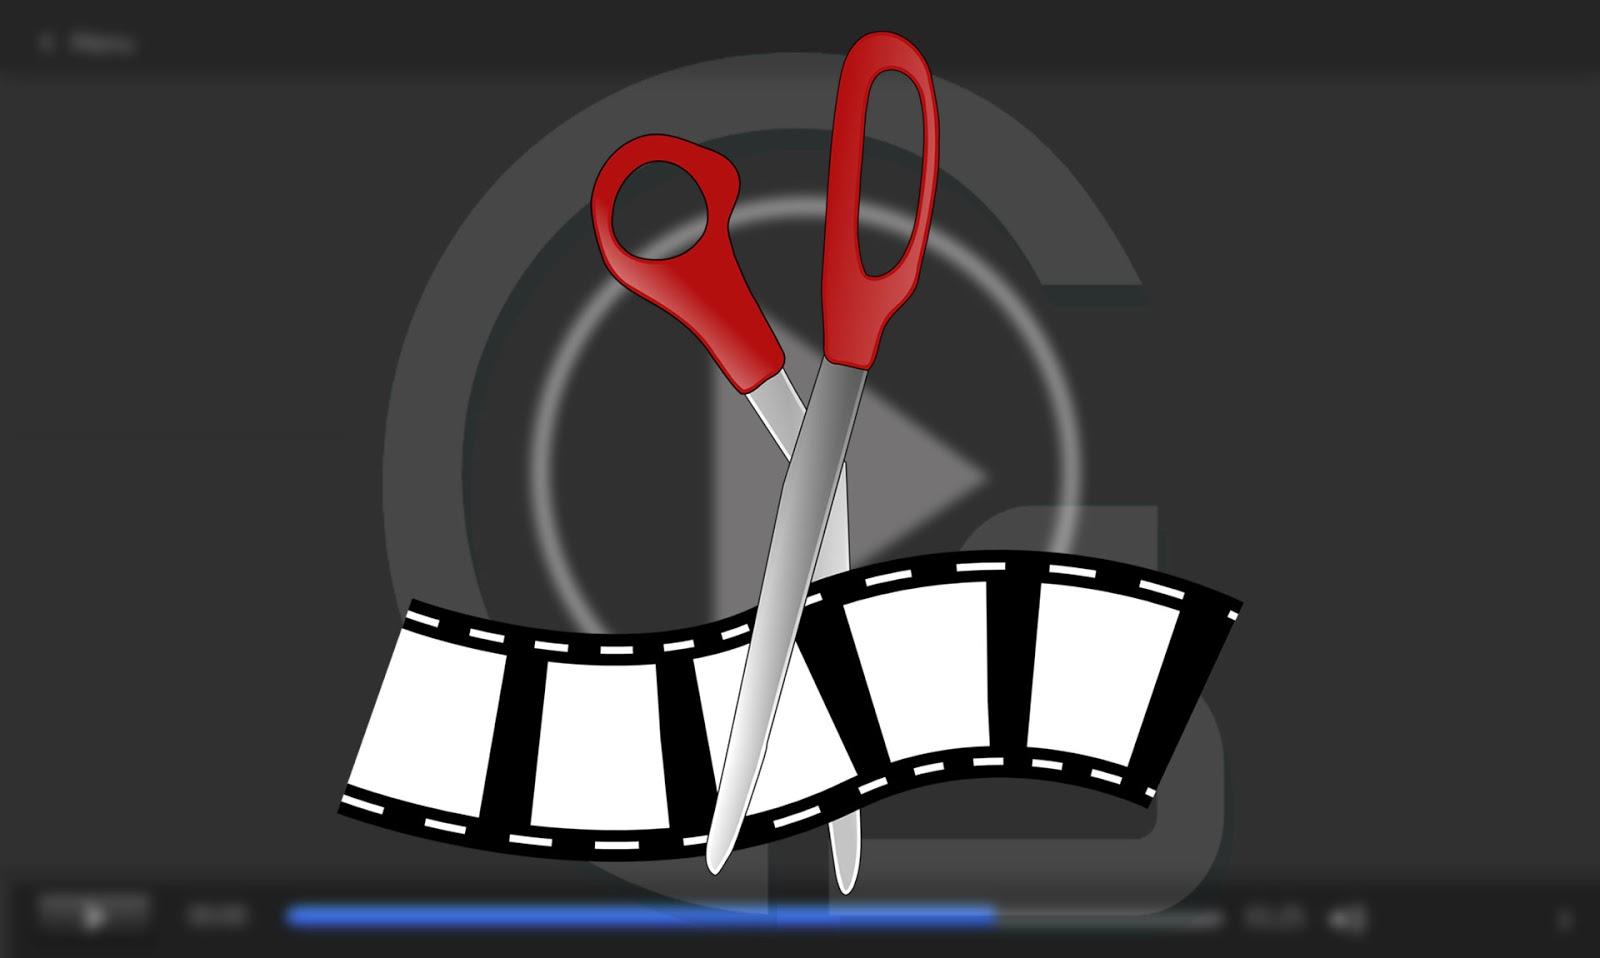 برنامج مجانى لقص وتقطيع الفيديو بأعلى جودة